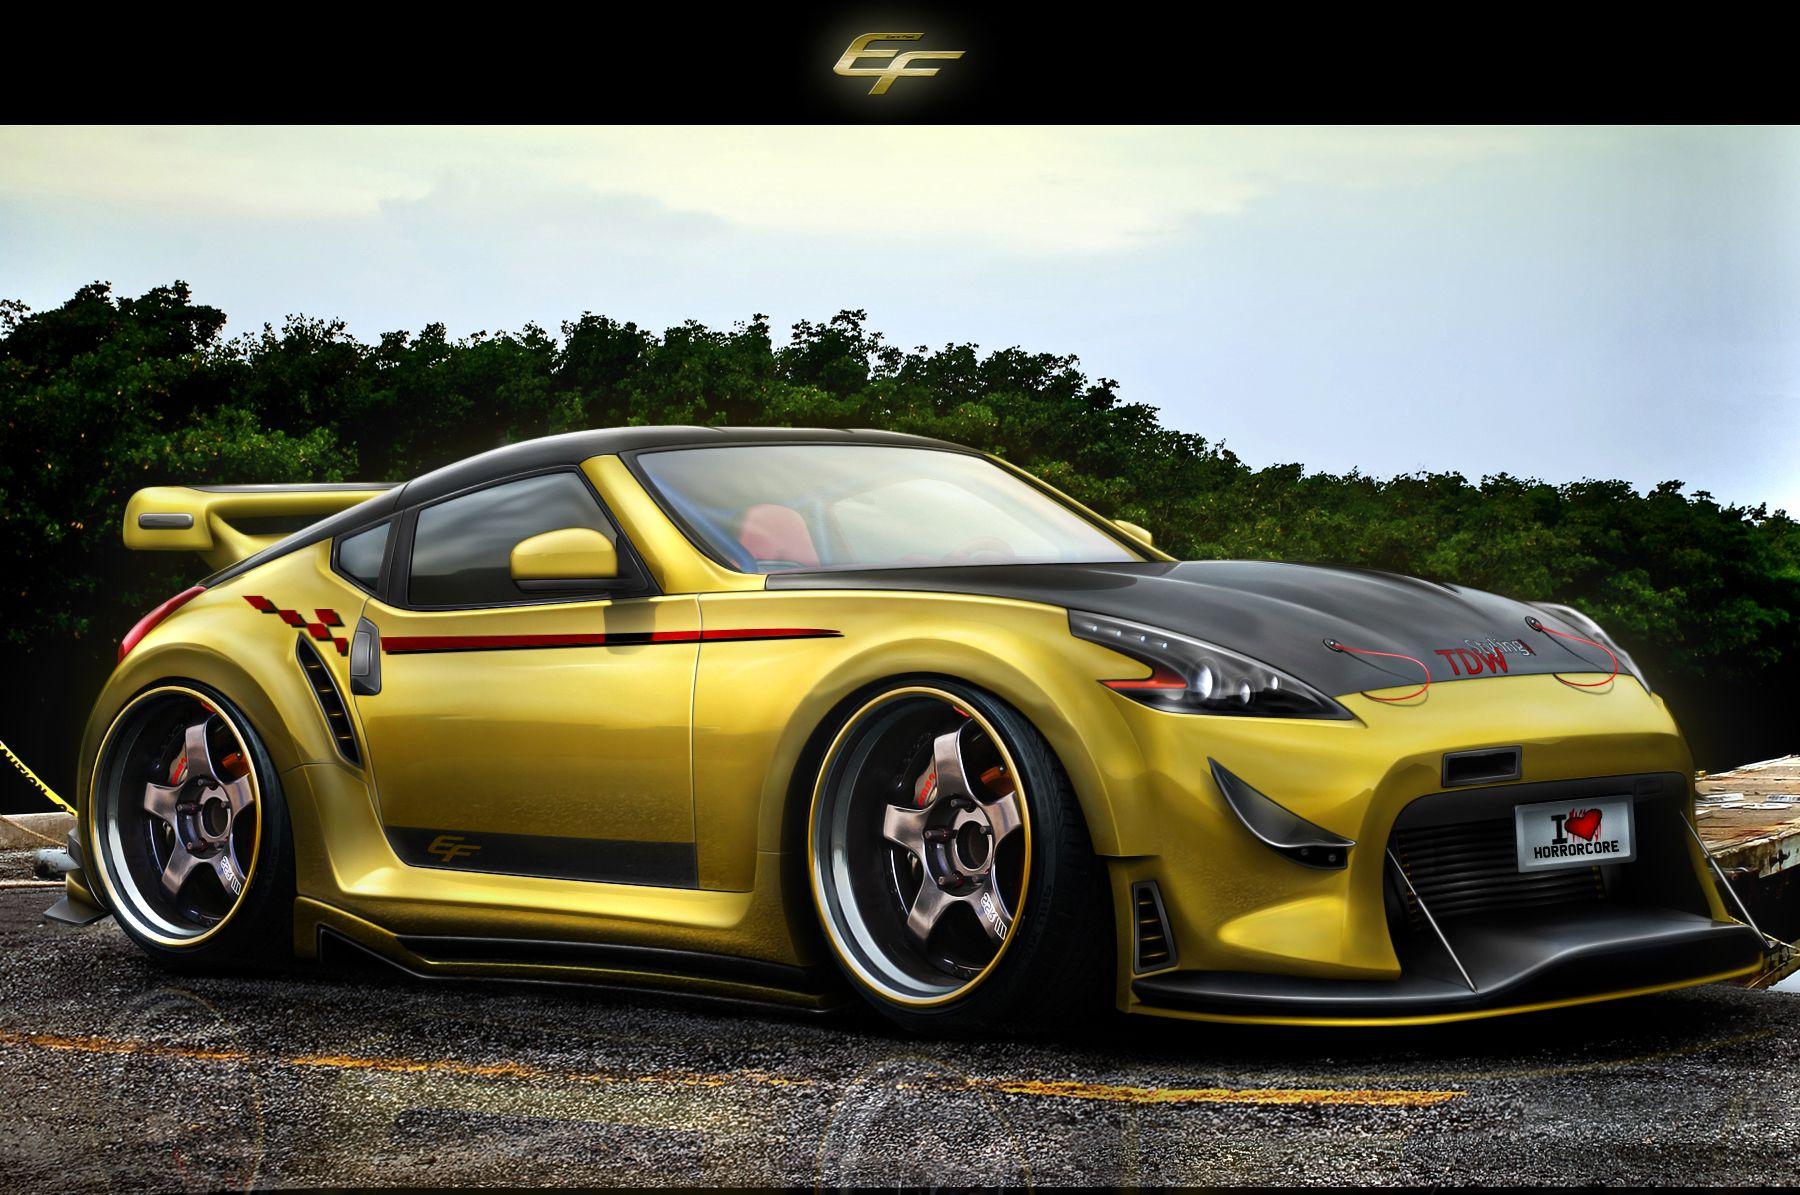 Nissan 370 Z by EmreFast.deviantart.com on @DeviantArt